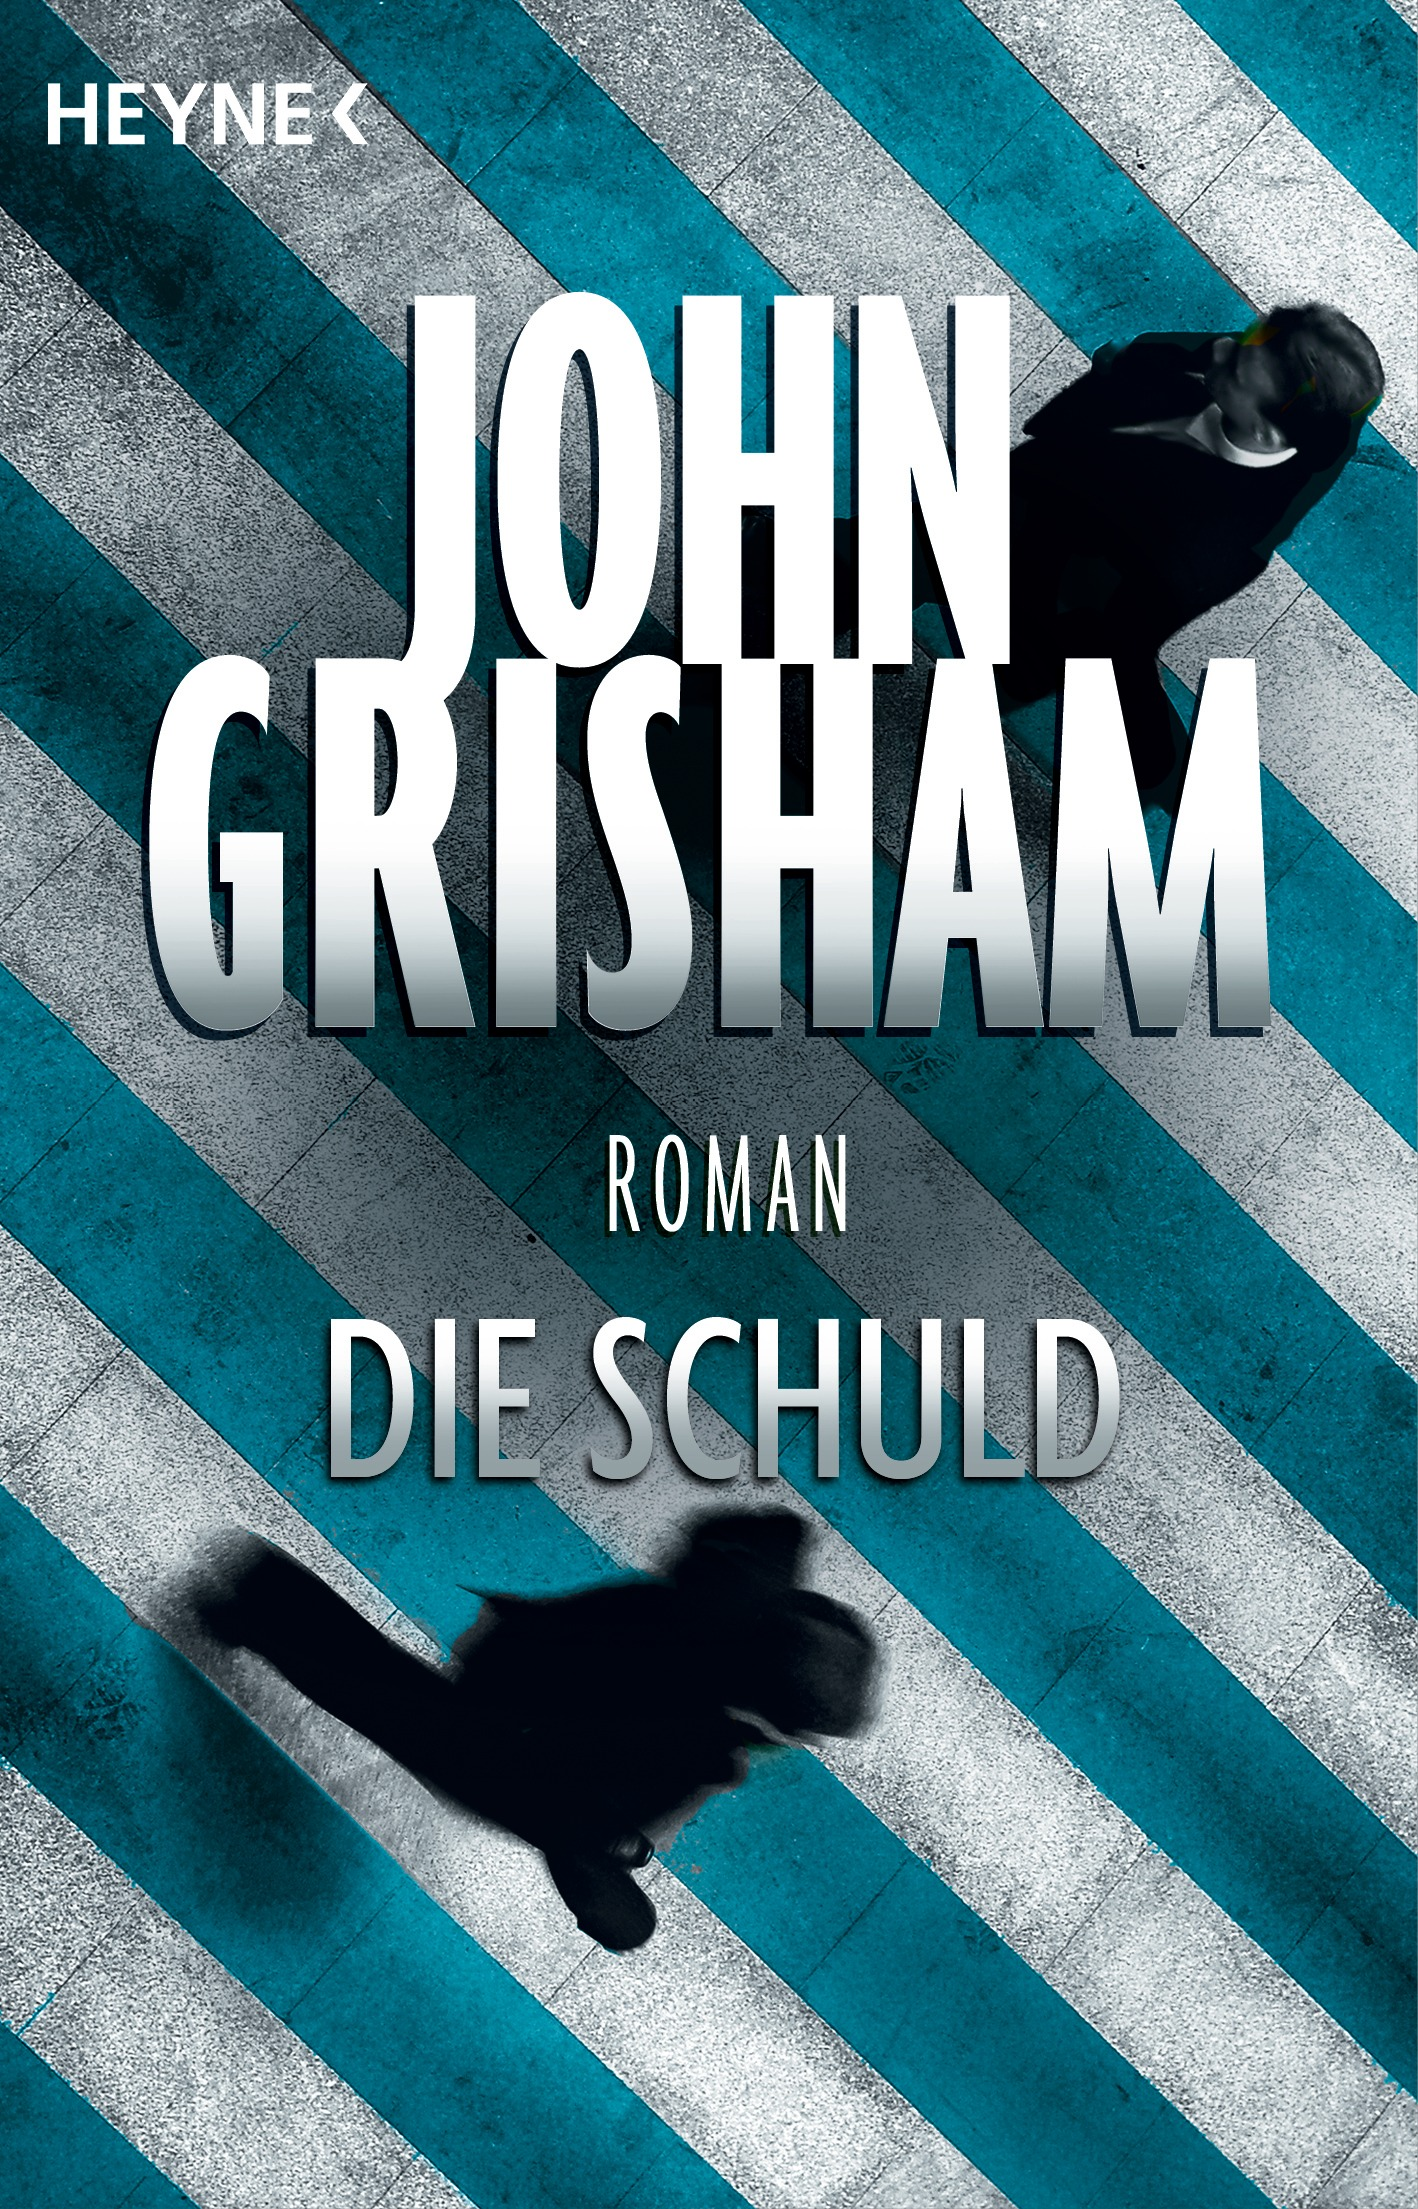 Die Schuld - John Grisham